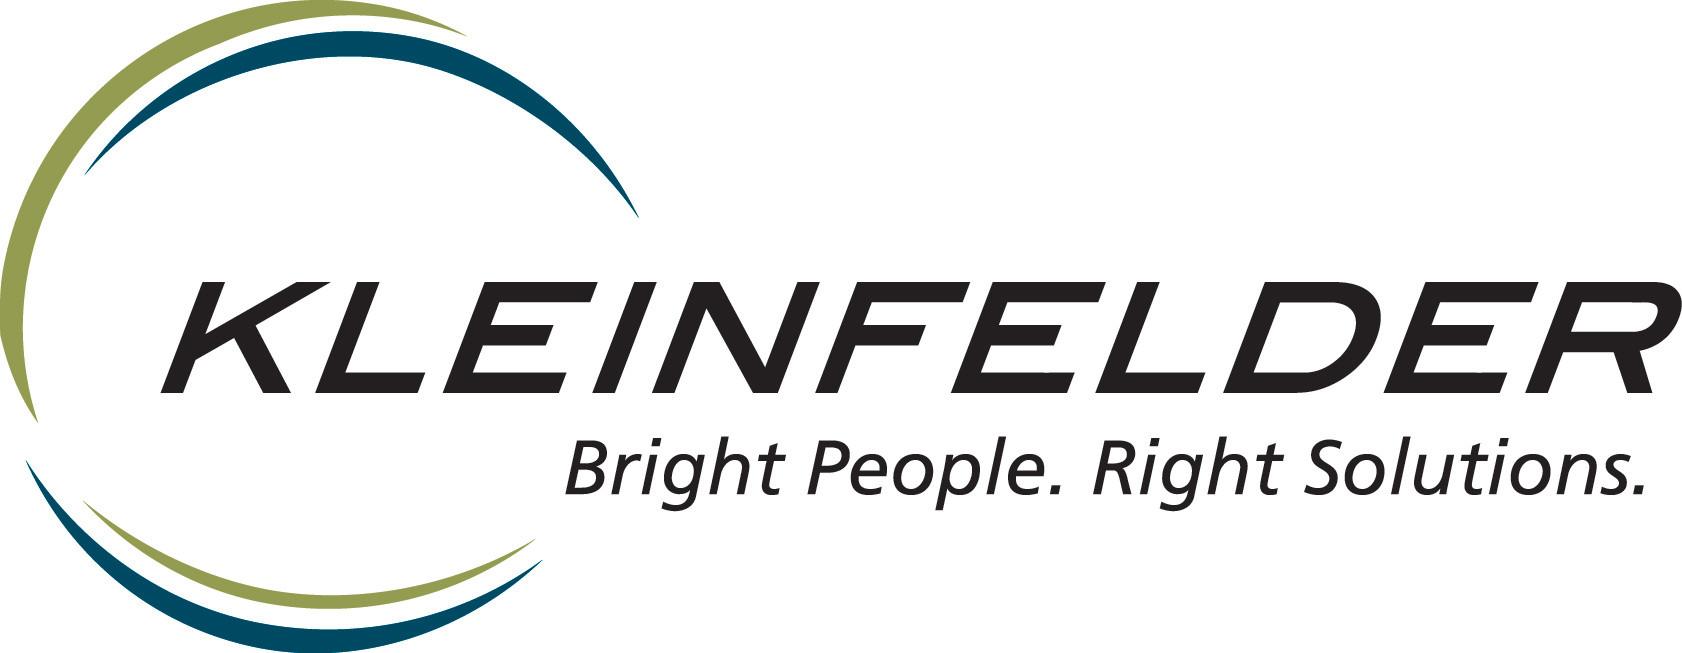 Kleinfelder Logo.jpg